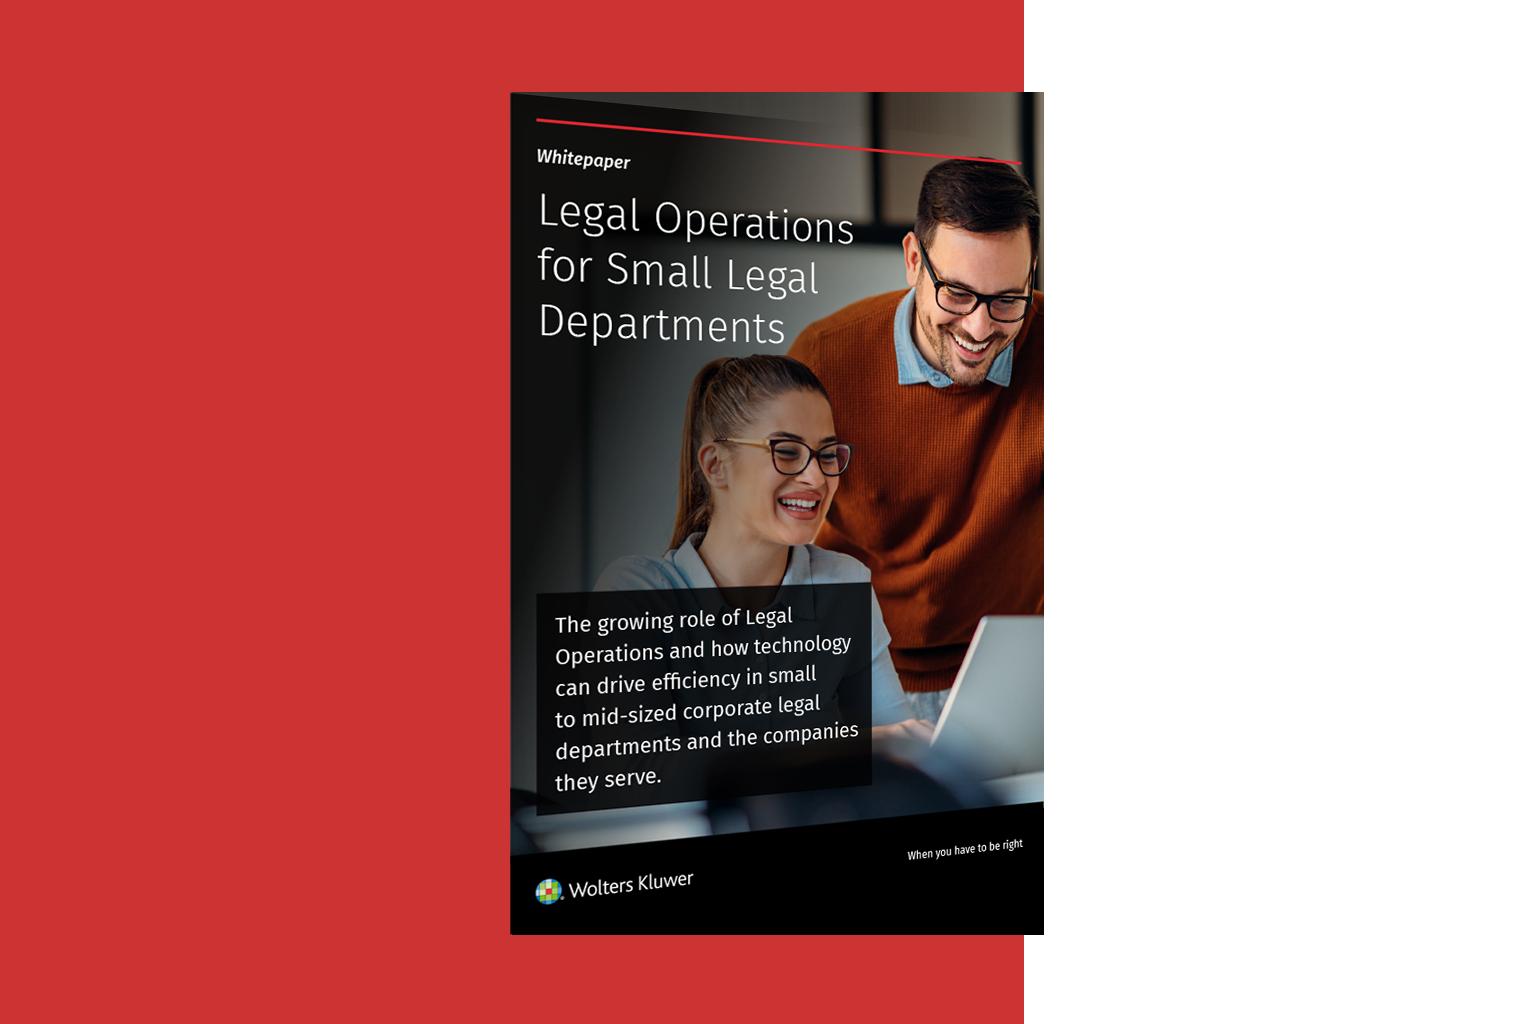 Legisway-legal operations